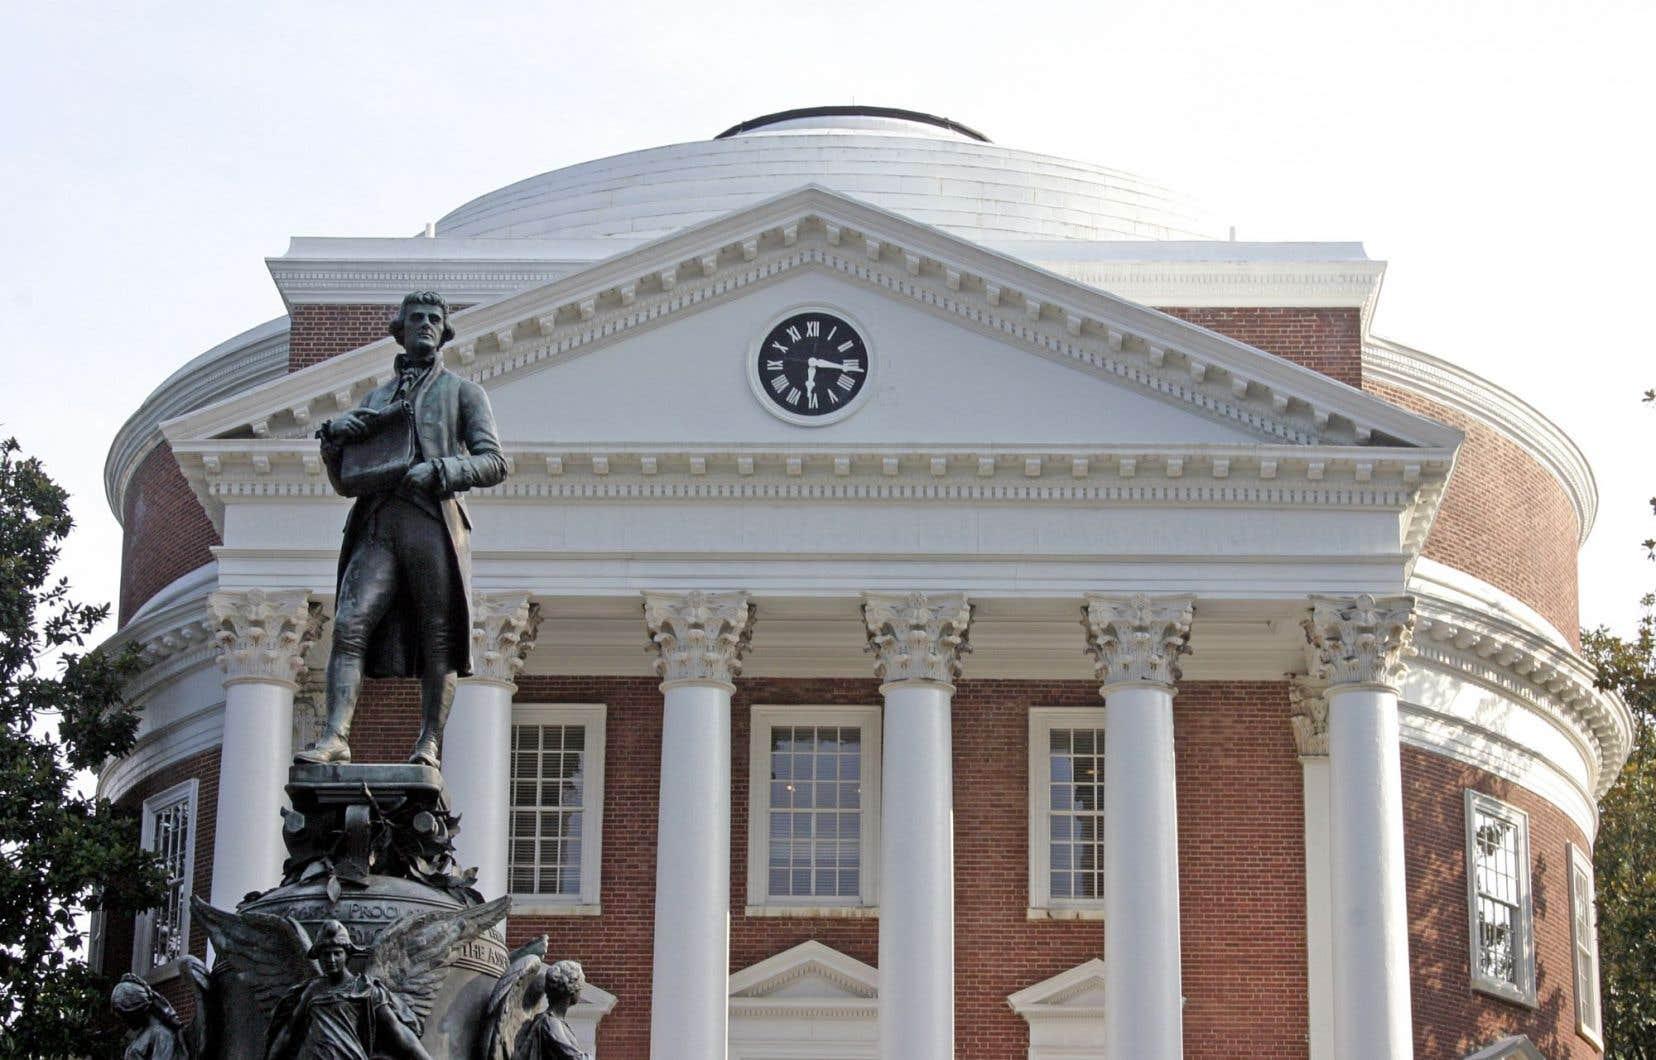 Jeunes et moins jeunes parlent quotidiennement de Thomas Jefferson sur le campus de l'Université de Virginie, là où se retrouve une statue de lui.